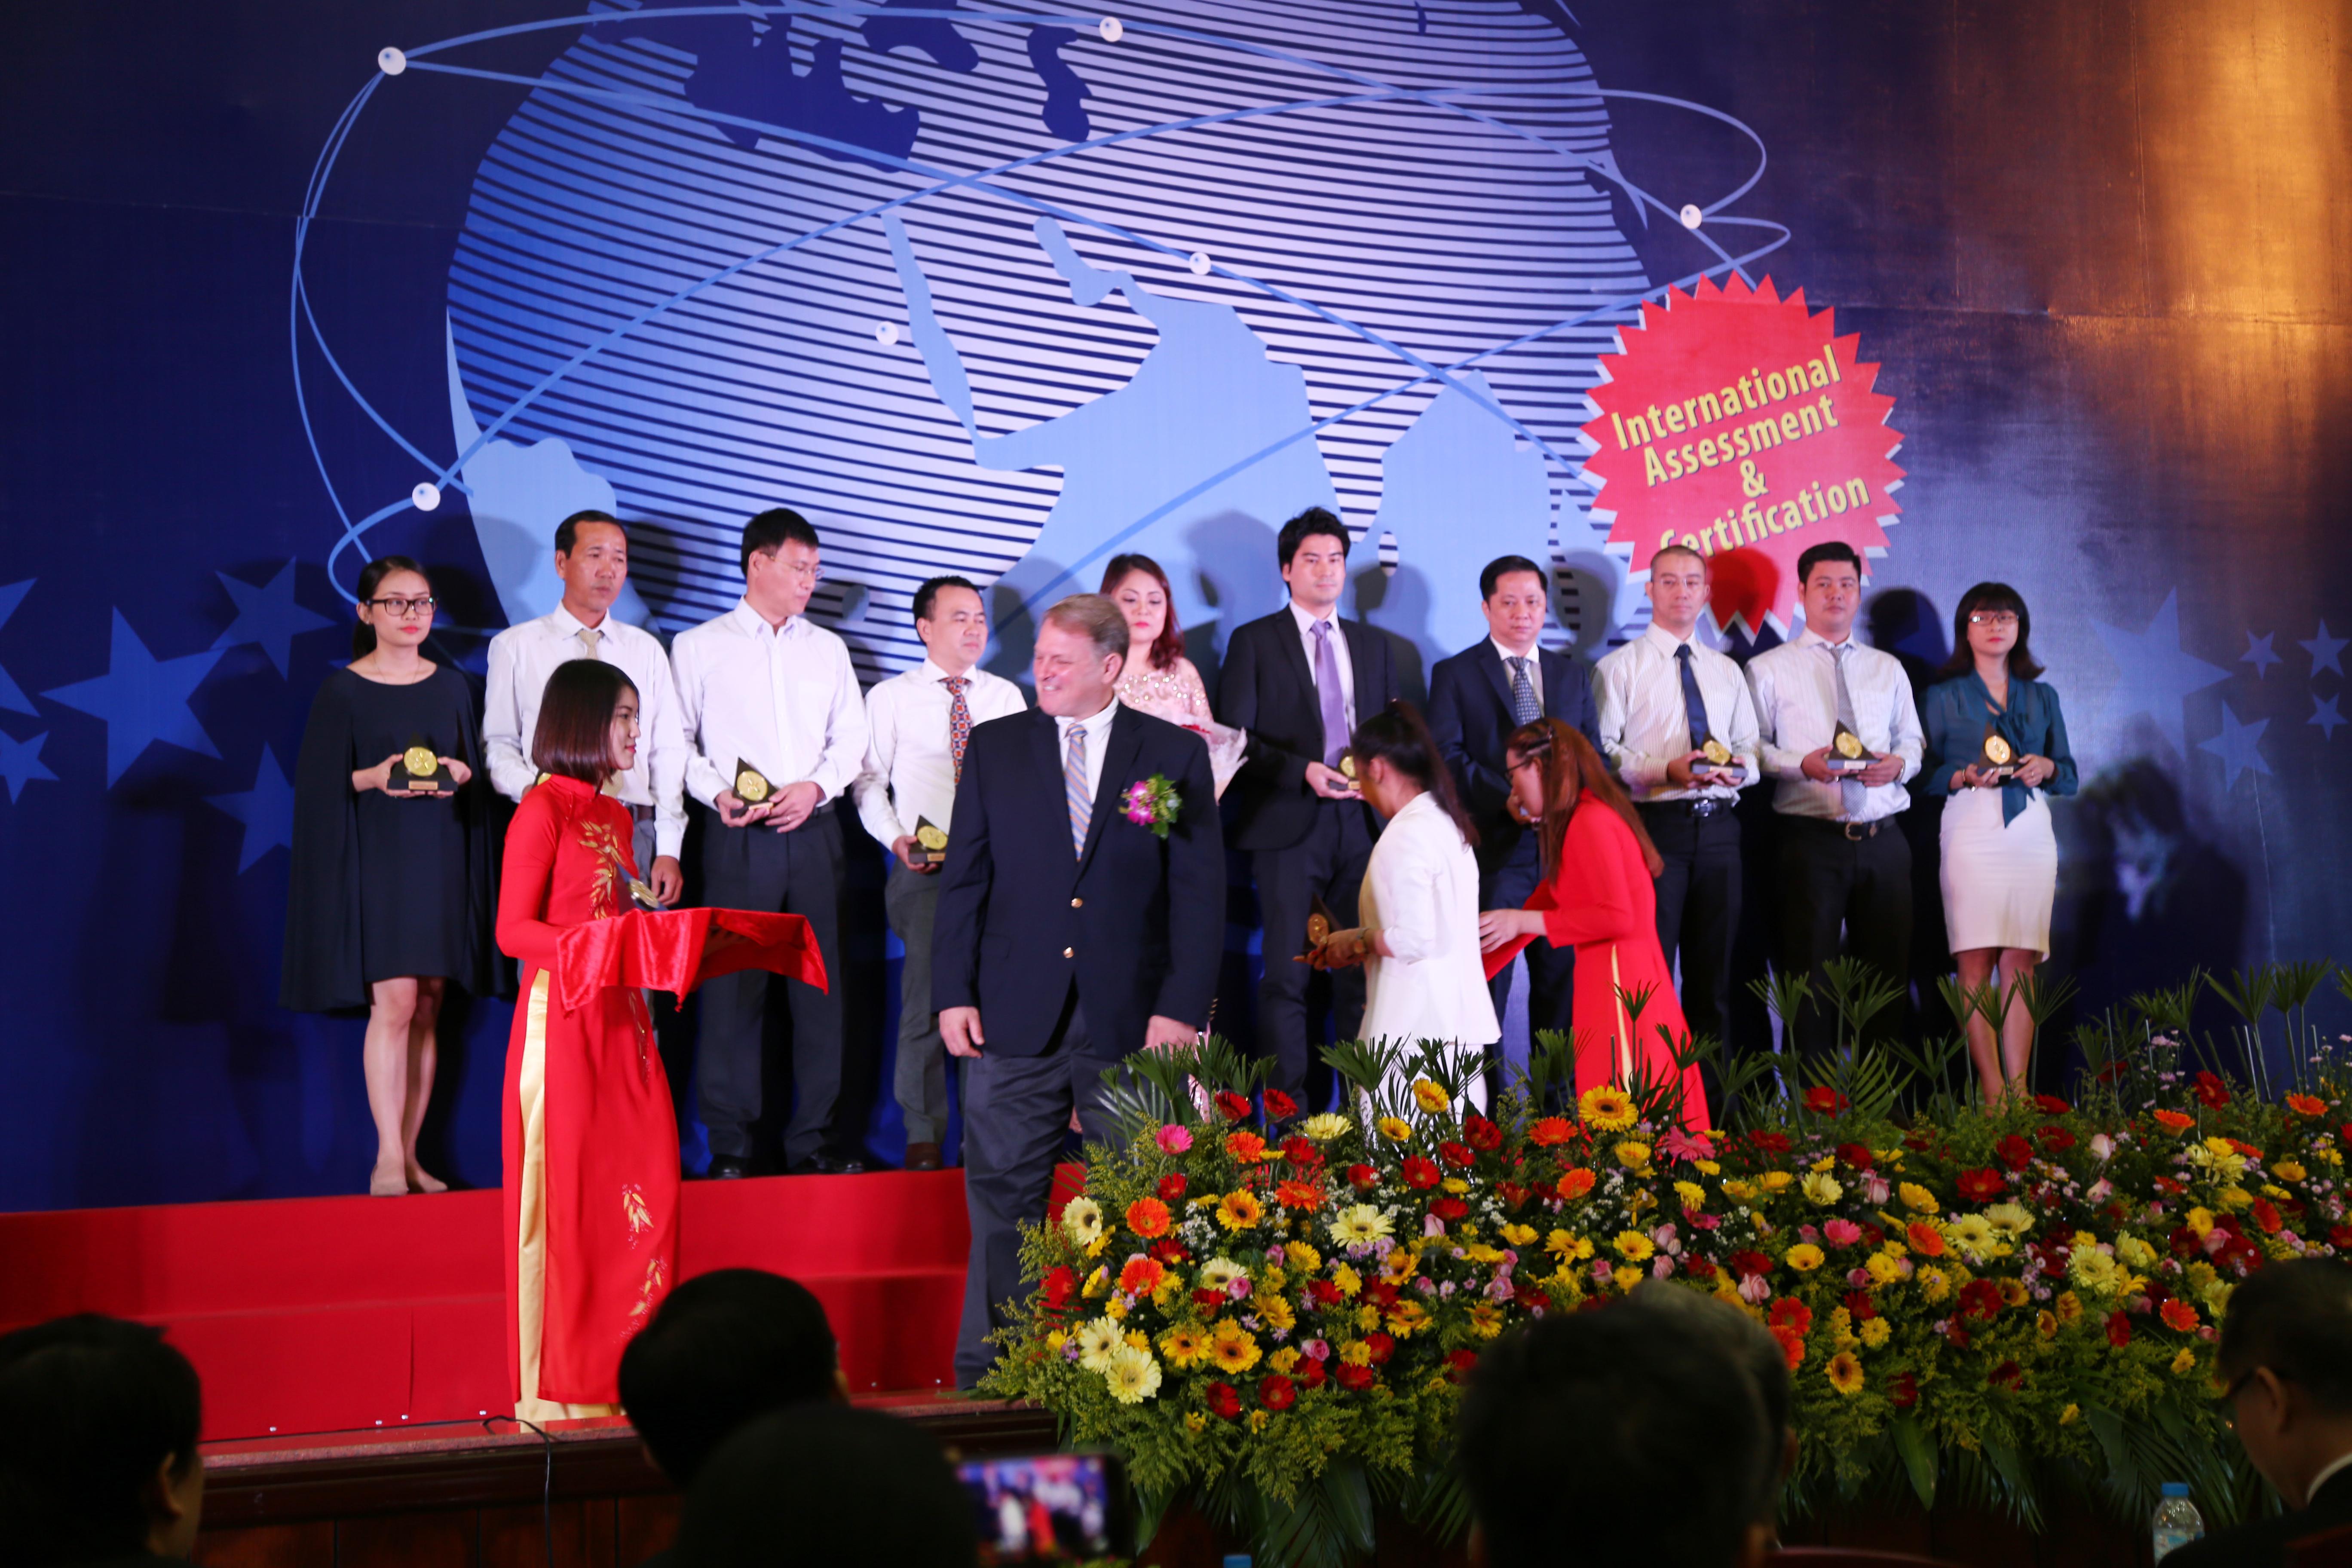 Oriflame Việt Nam nhận Chỉ số tín nhiệm doanh nghiệp 2016 2